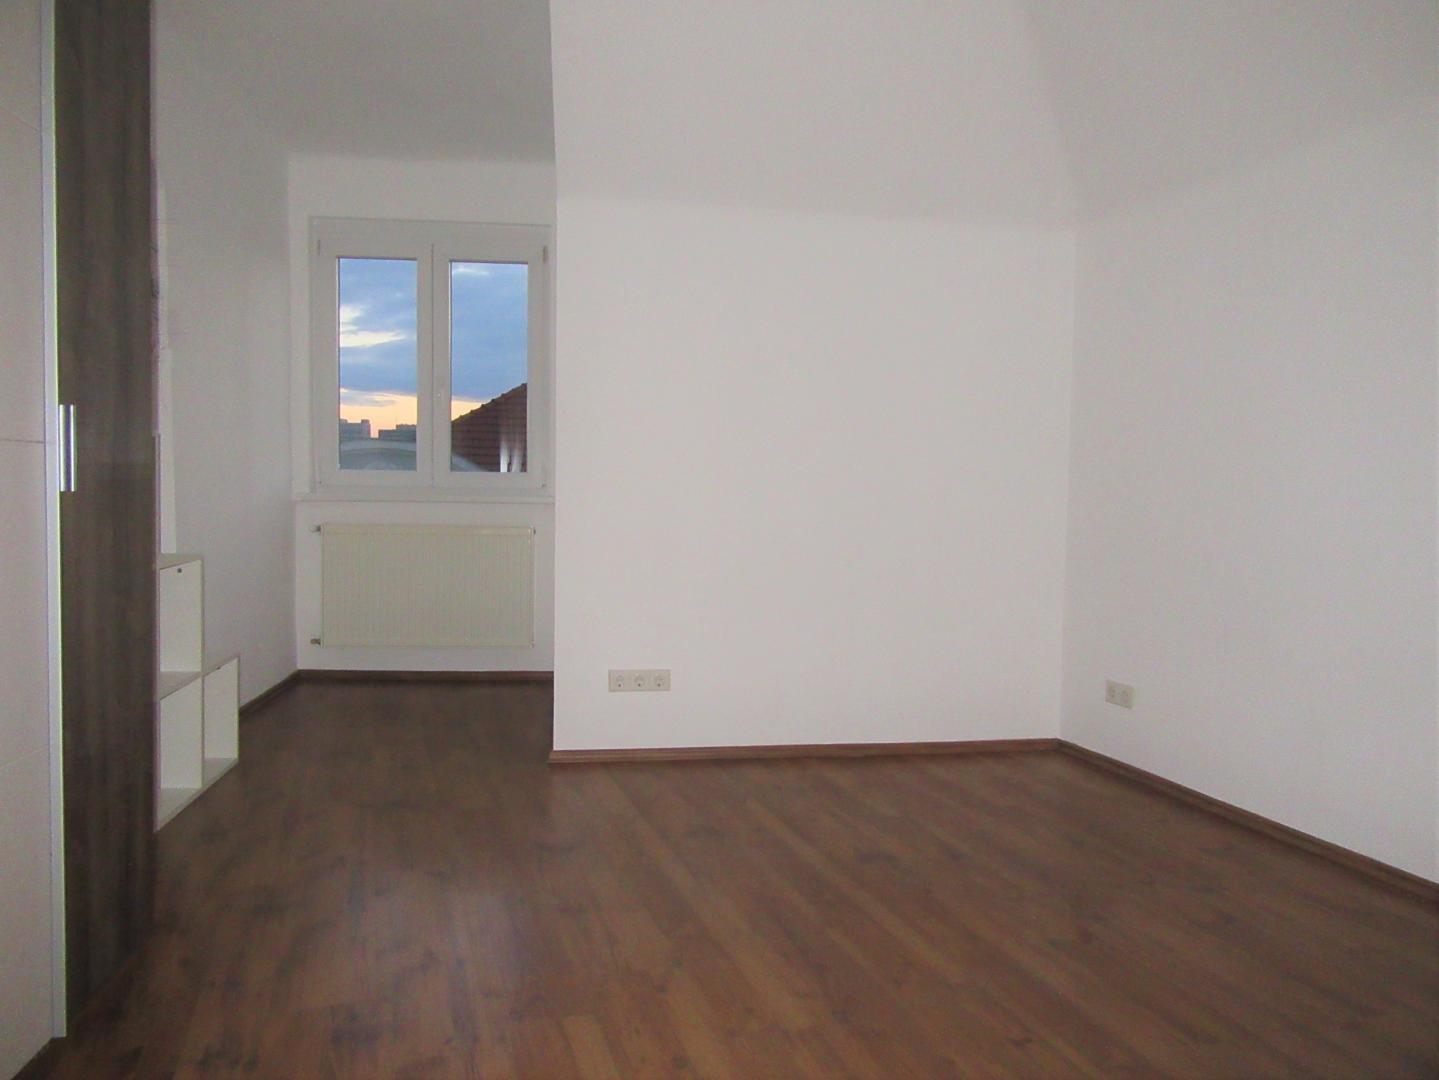 Wohnung Miete Wien Wien  3.,Landstraße Wien, Landstraße 2417/8034  2 SZ